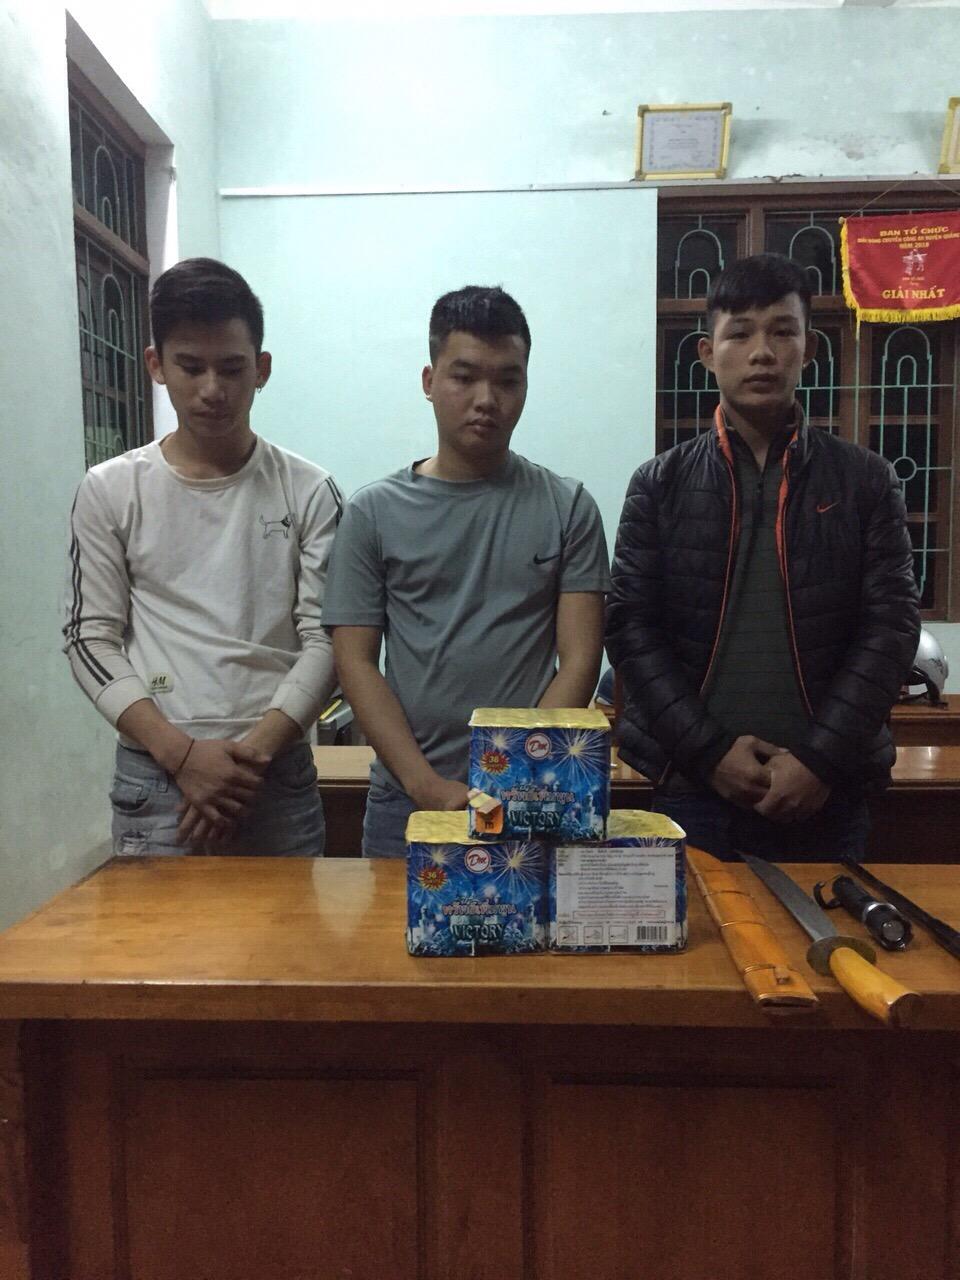 Quảng Ninh: Bắt 3 đối tượng mang kiếm, côn, dùi cui điện đi tiêu thụ pháo